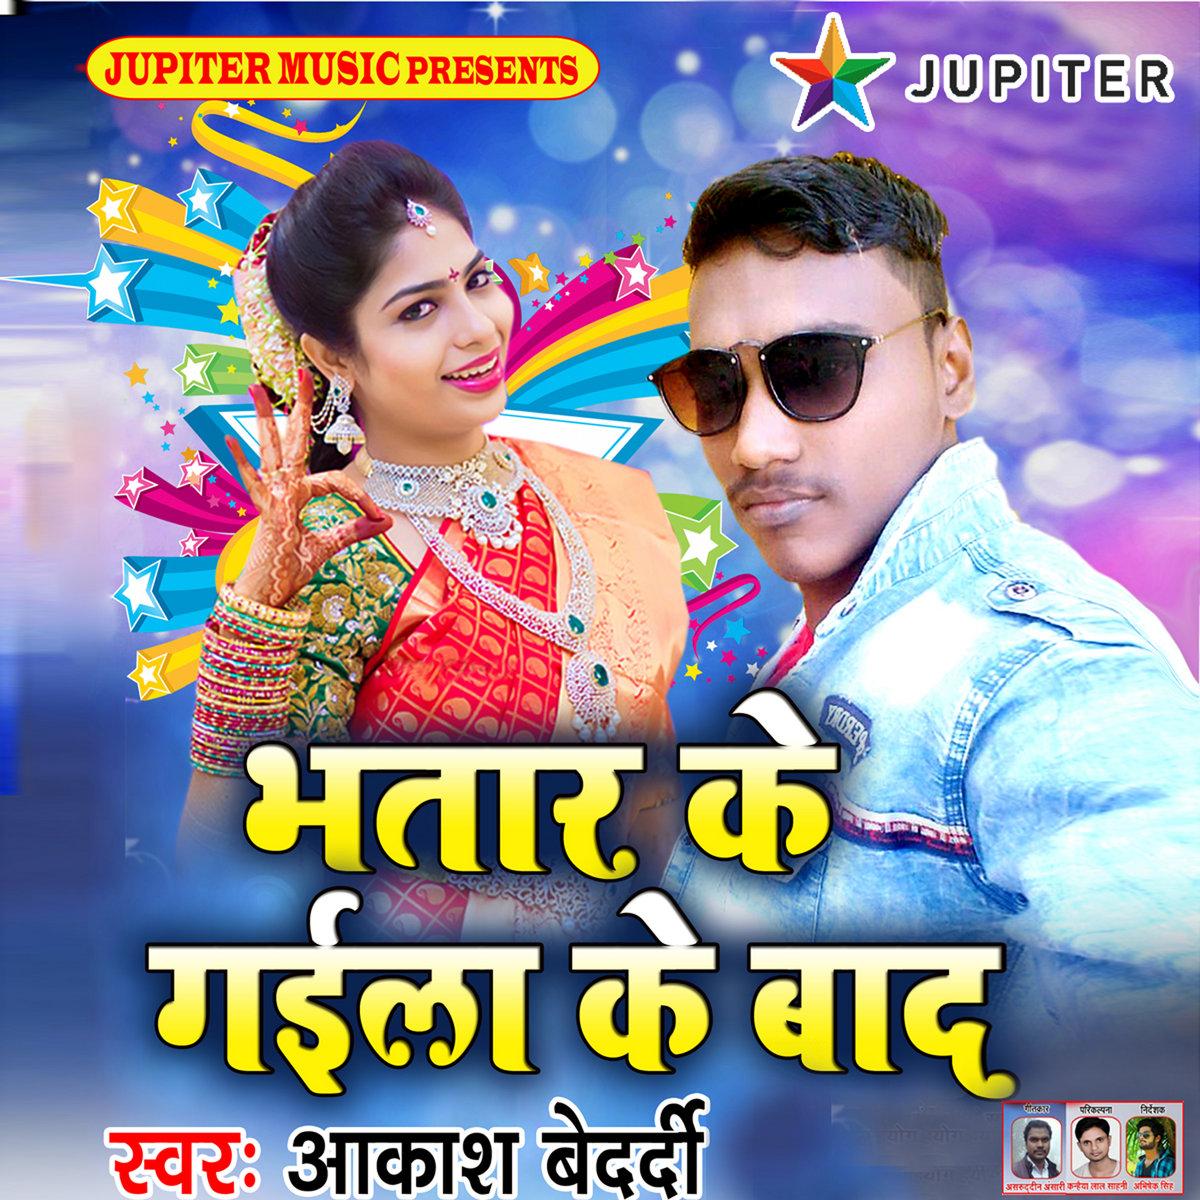 Vattatee rajaee mittra (full song) satnam sagar, sharanjeet.